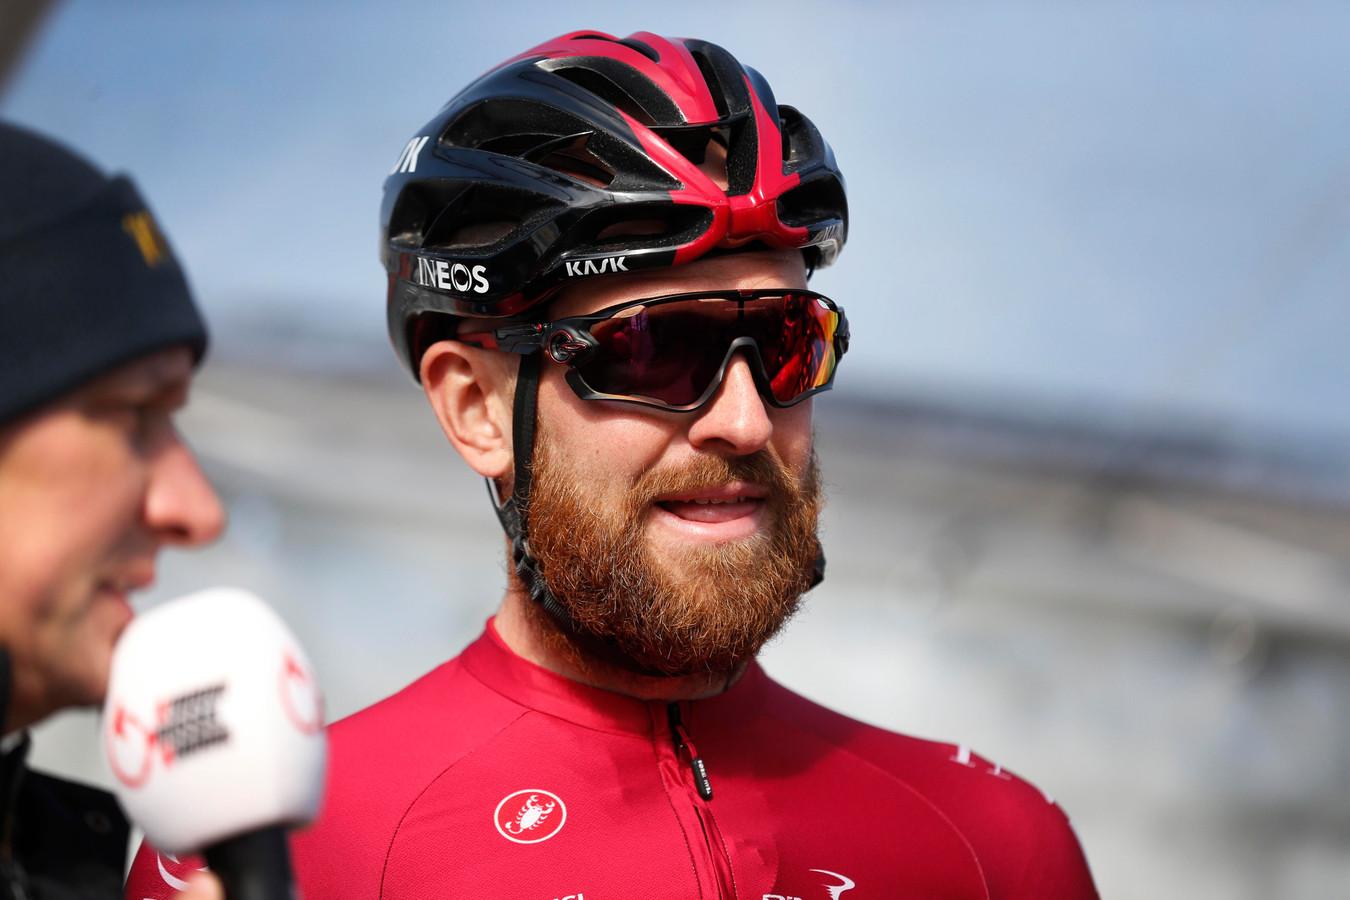 Ian Stannard wil zijn ervaring overbrengen aan de jonge renners.